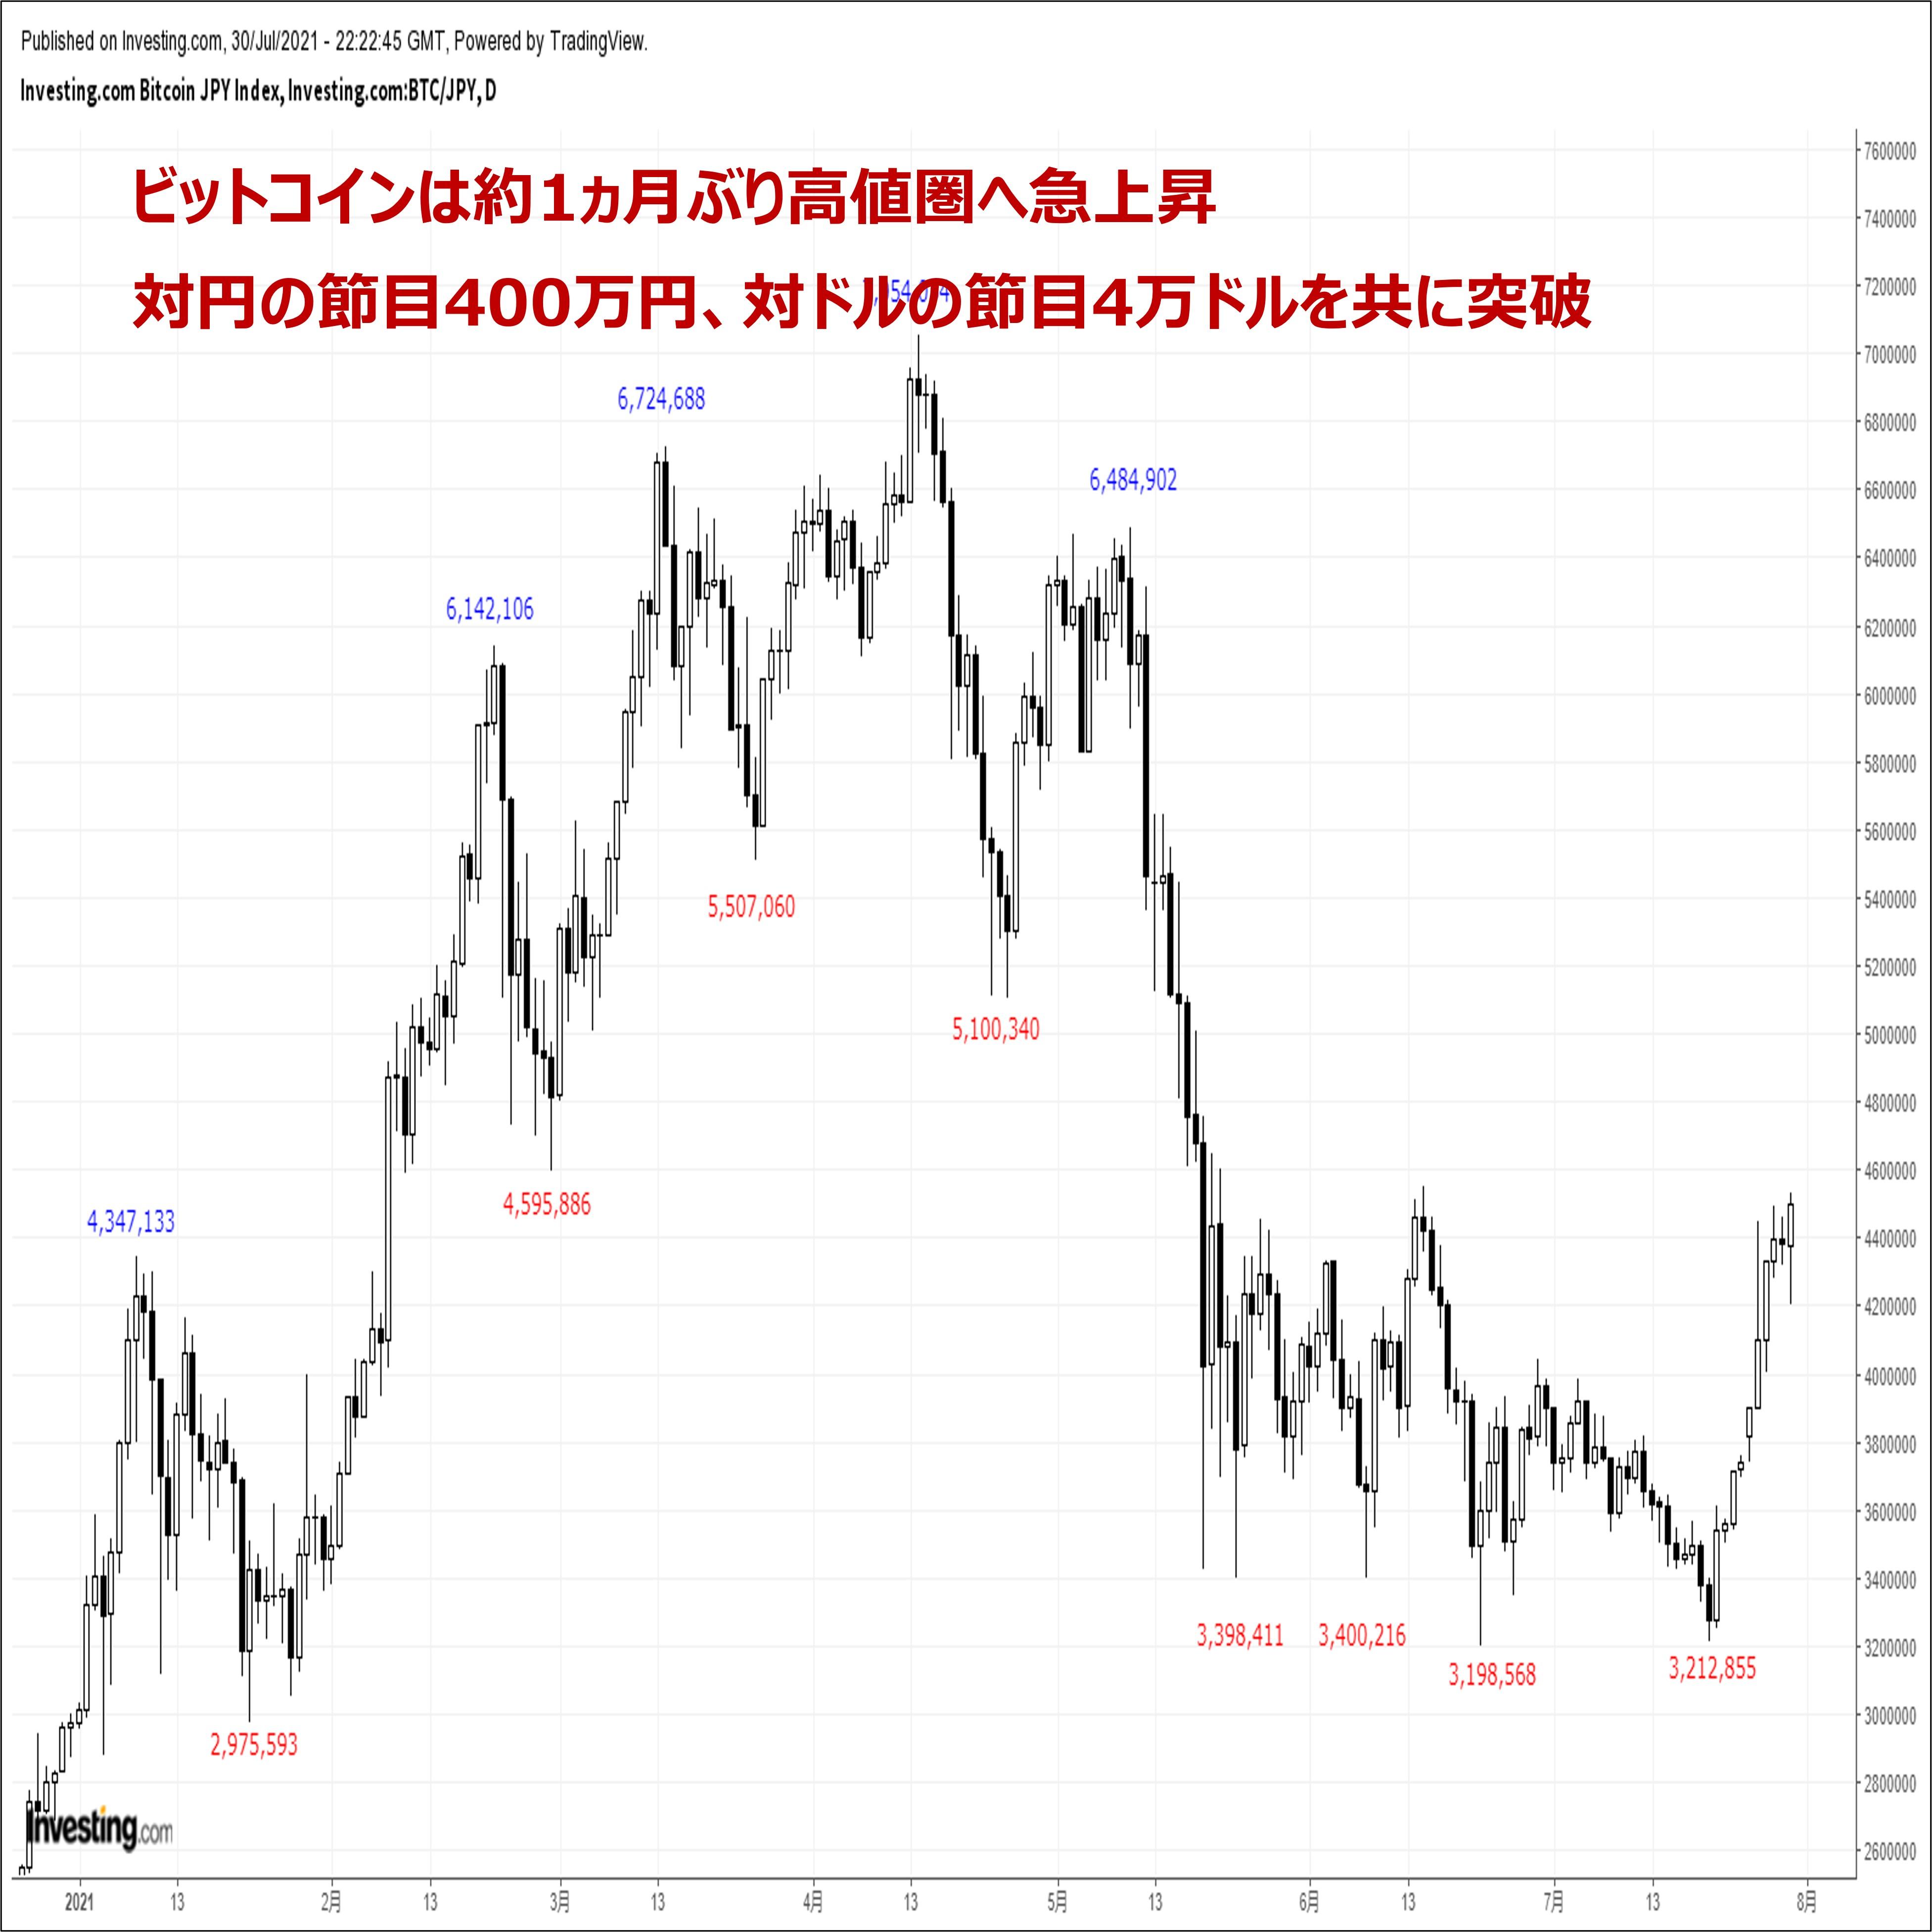 ビットコインの価格分析:『2ヵ月ぶり高値圏へ急上昇。悪材料出尽くしで地合いが好転』(7/31)